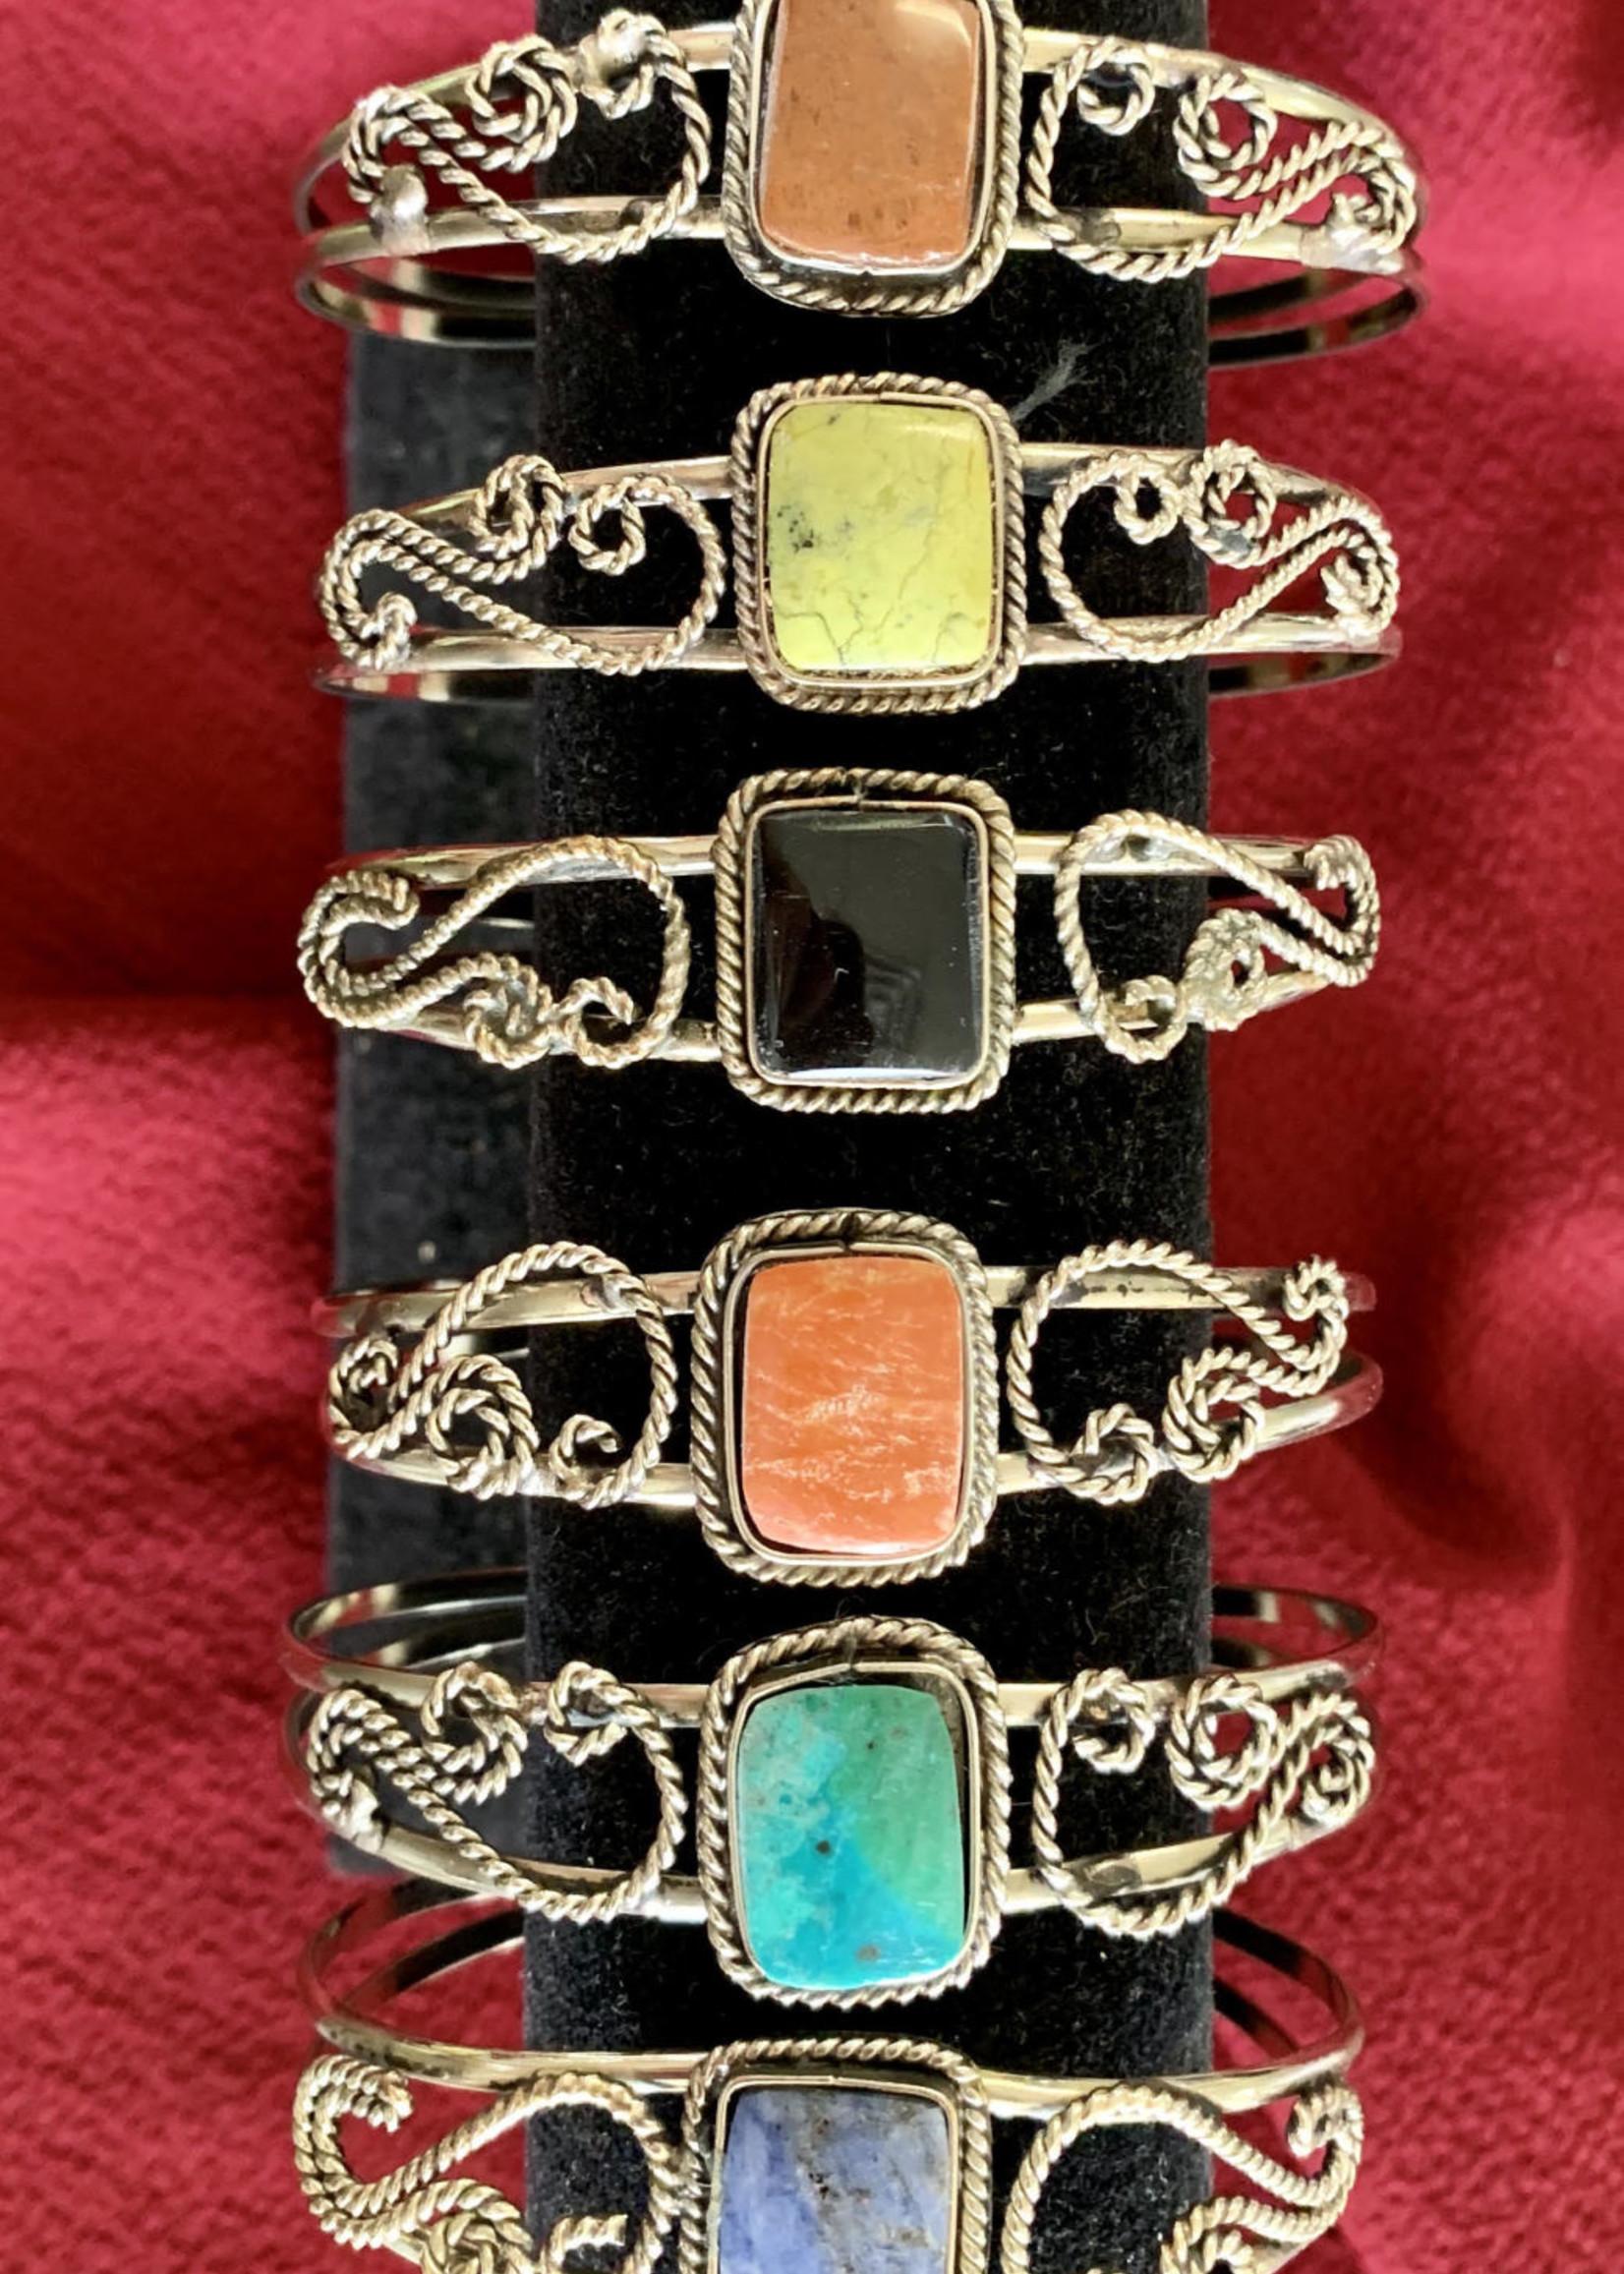 Gemstone Cuff Bracelets from Peru